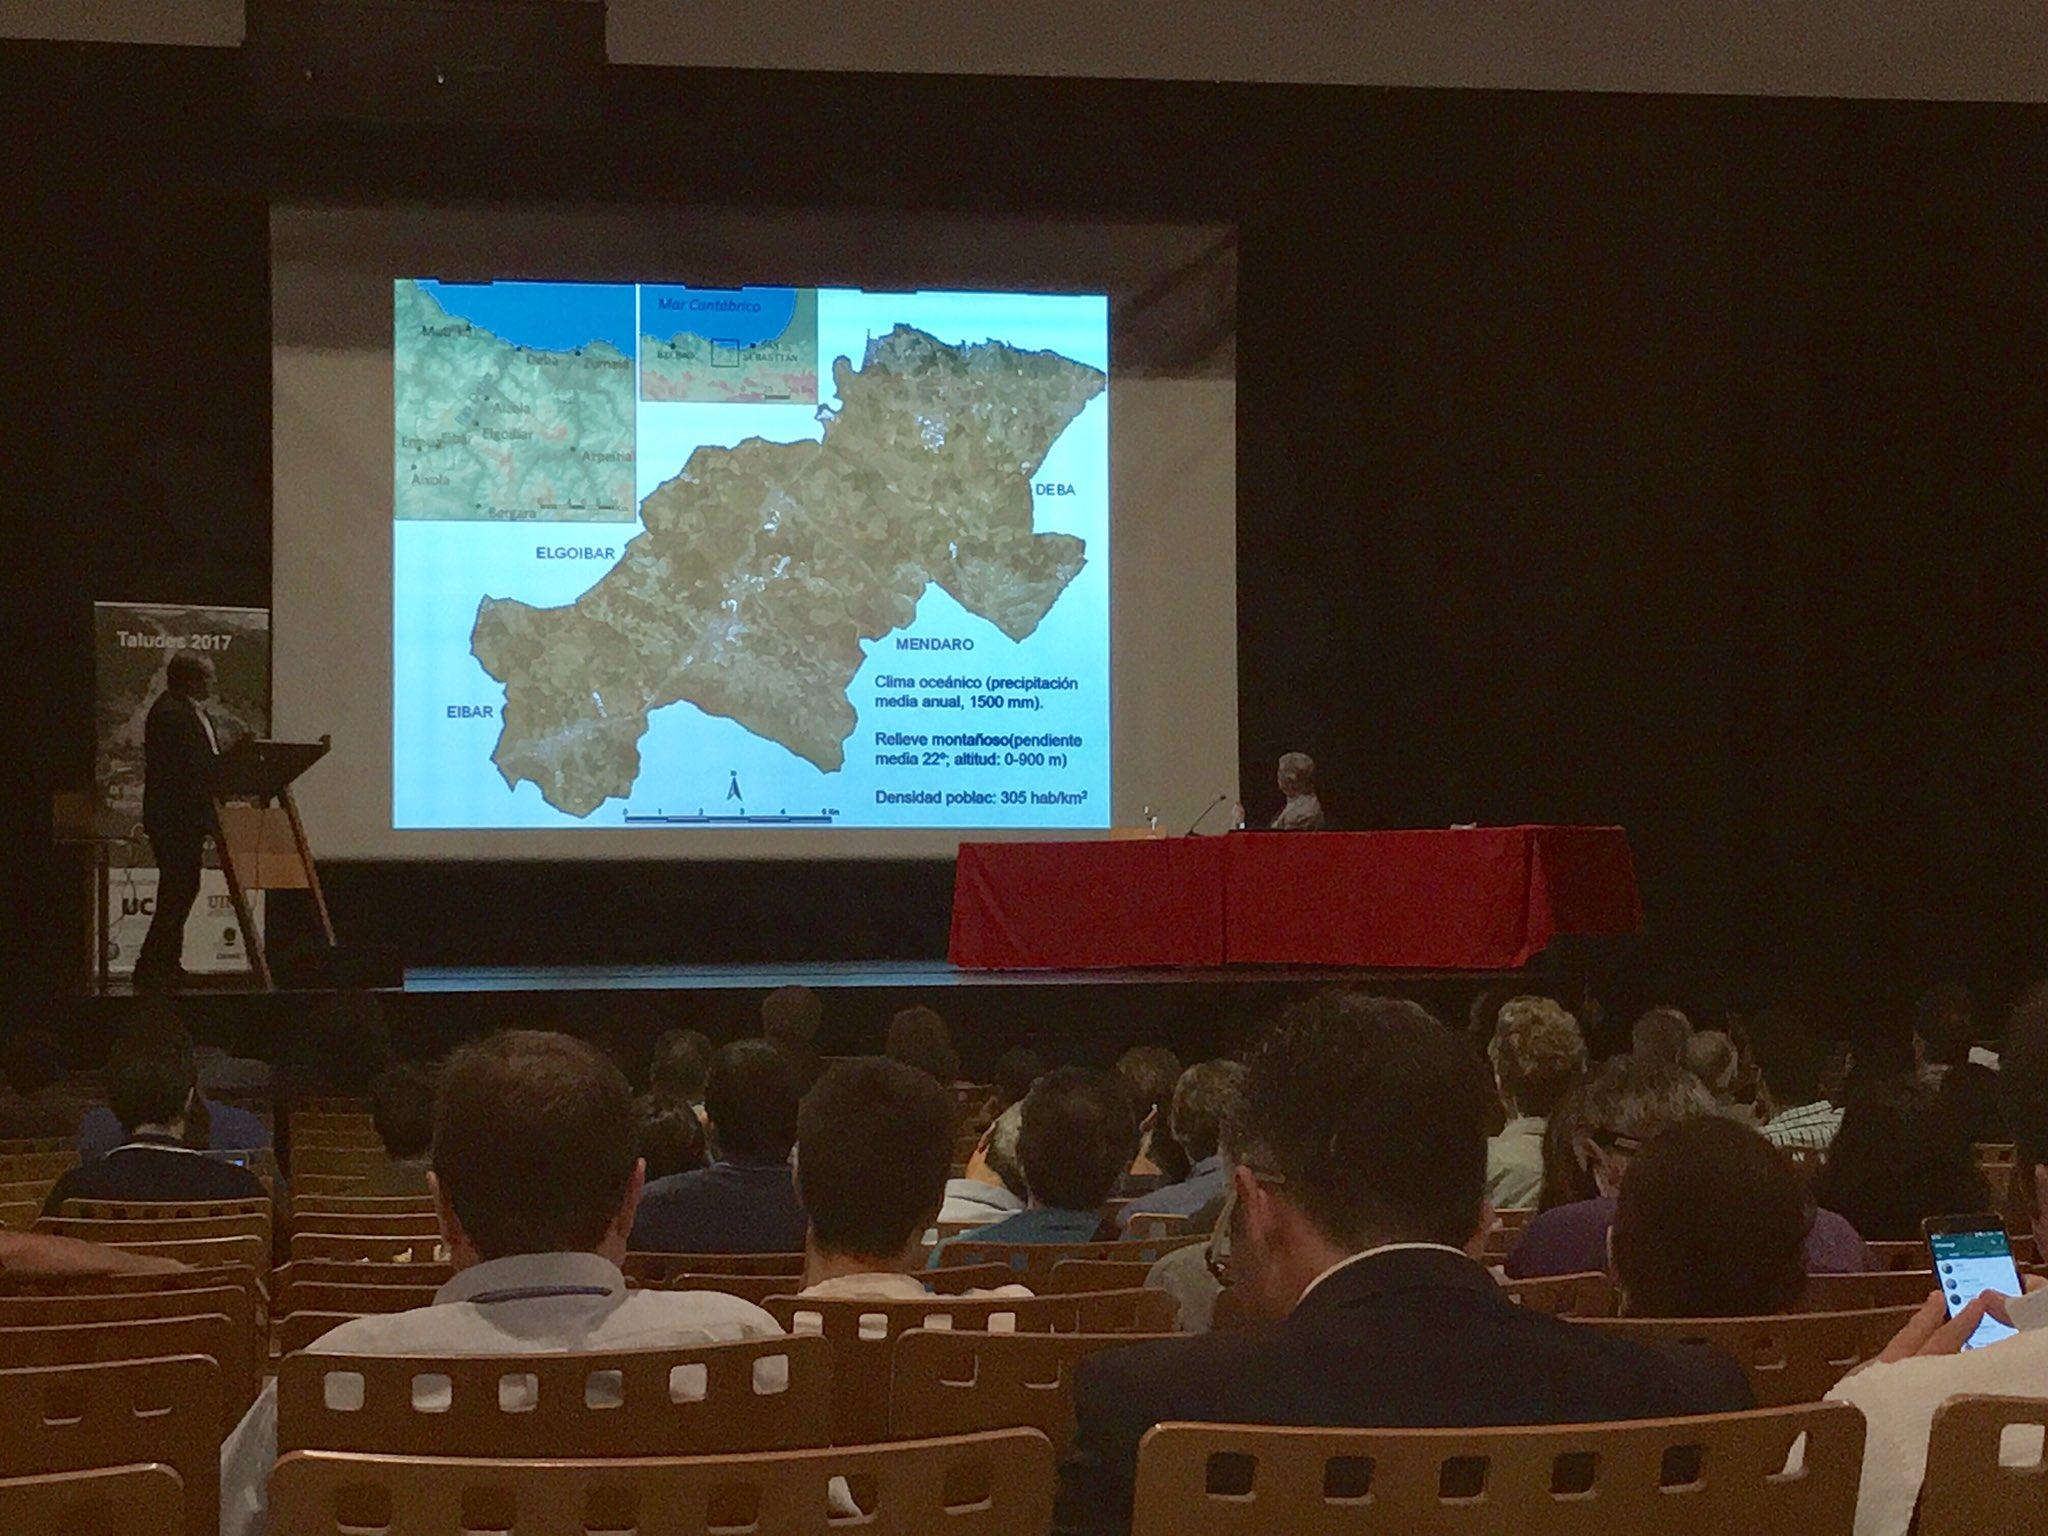 Abrimos el congreso de #Taludes17 en #Cantabria @unican Deslizamientos en El Valle del #Deba https://t.co/1qXNptbRwZ